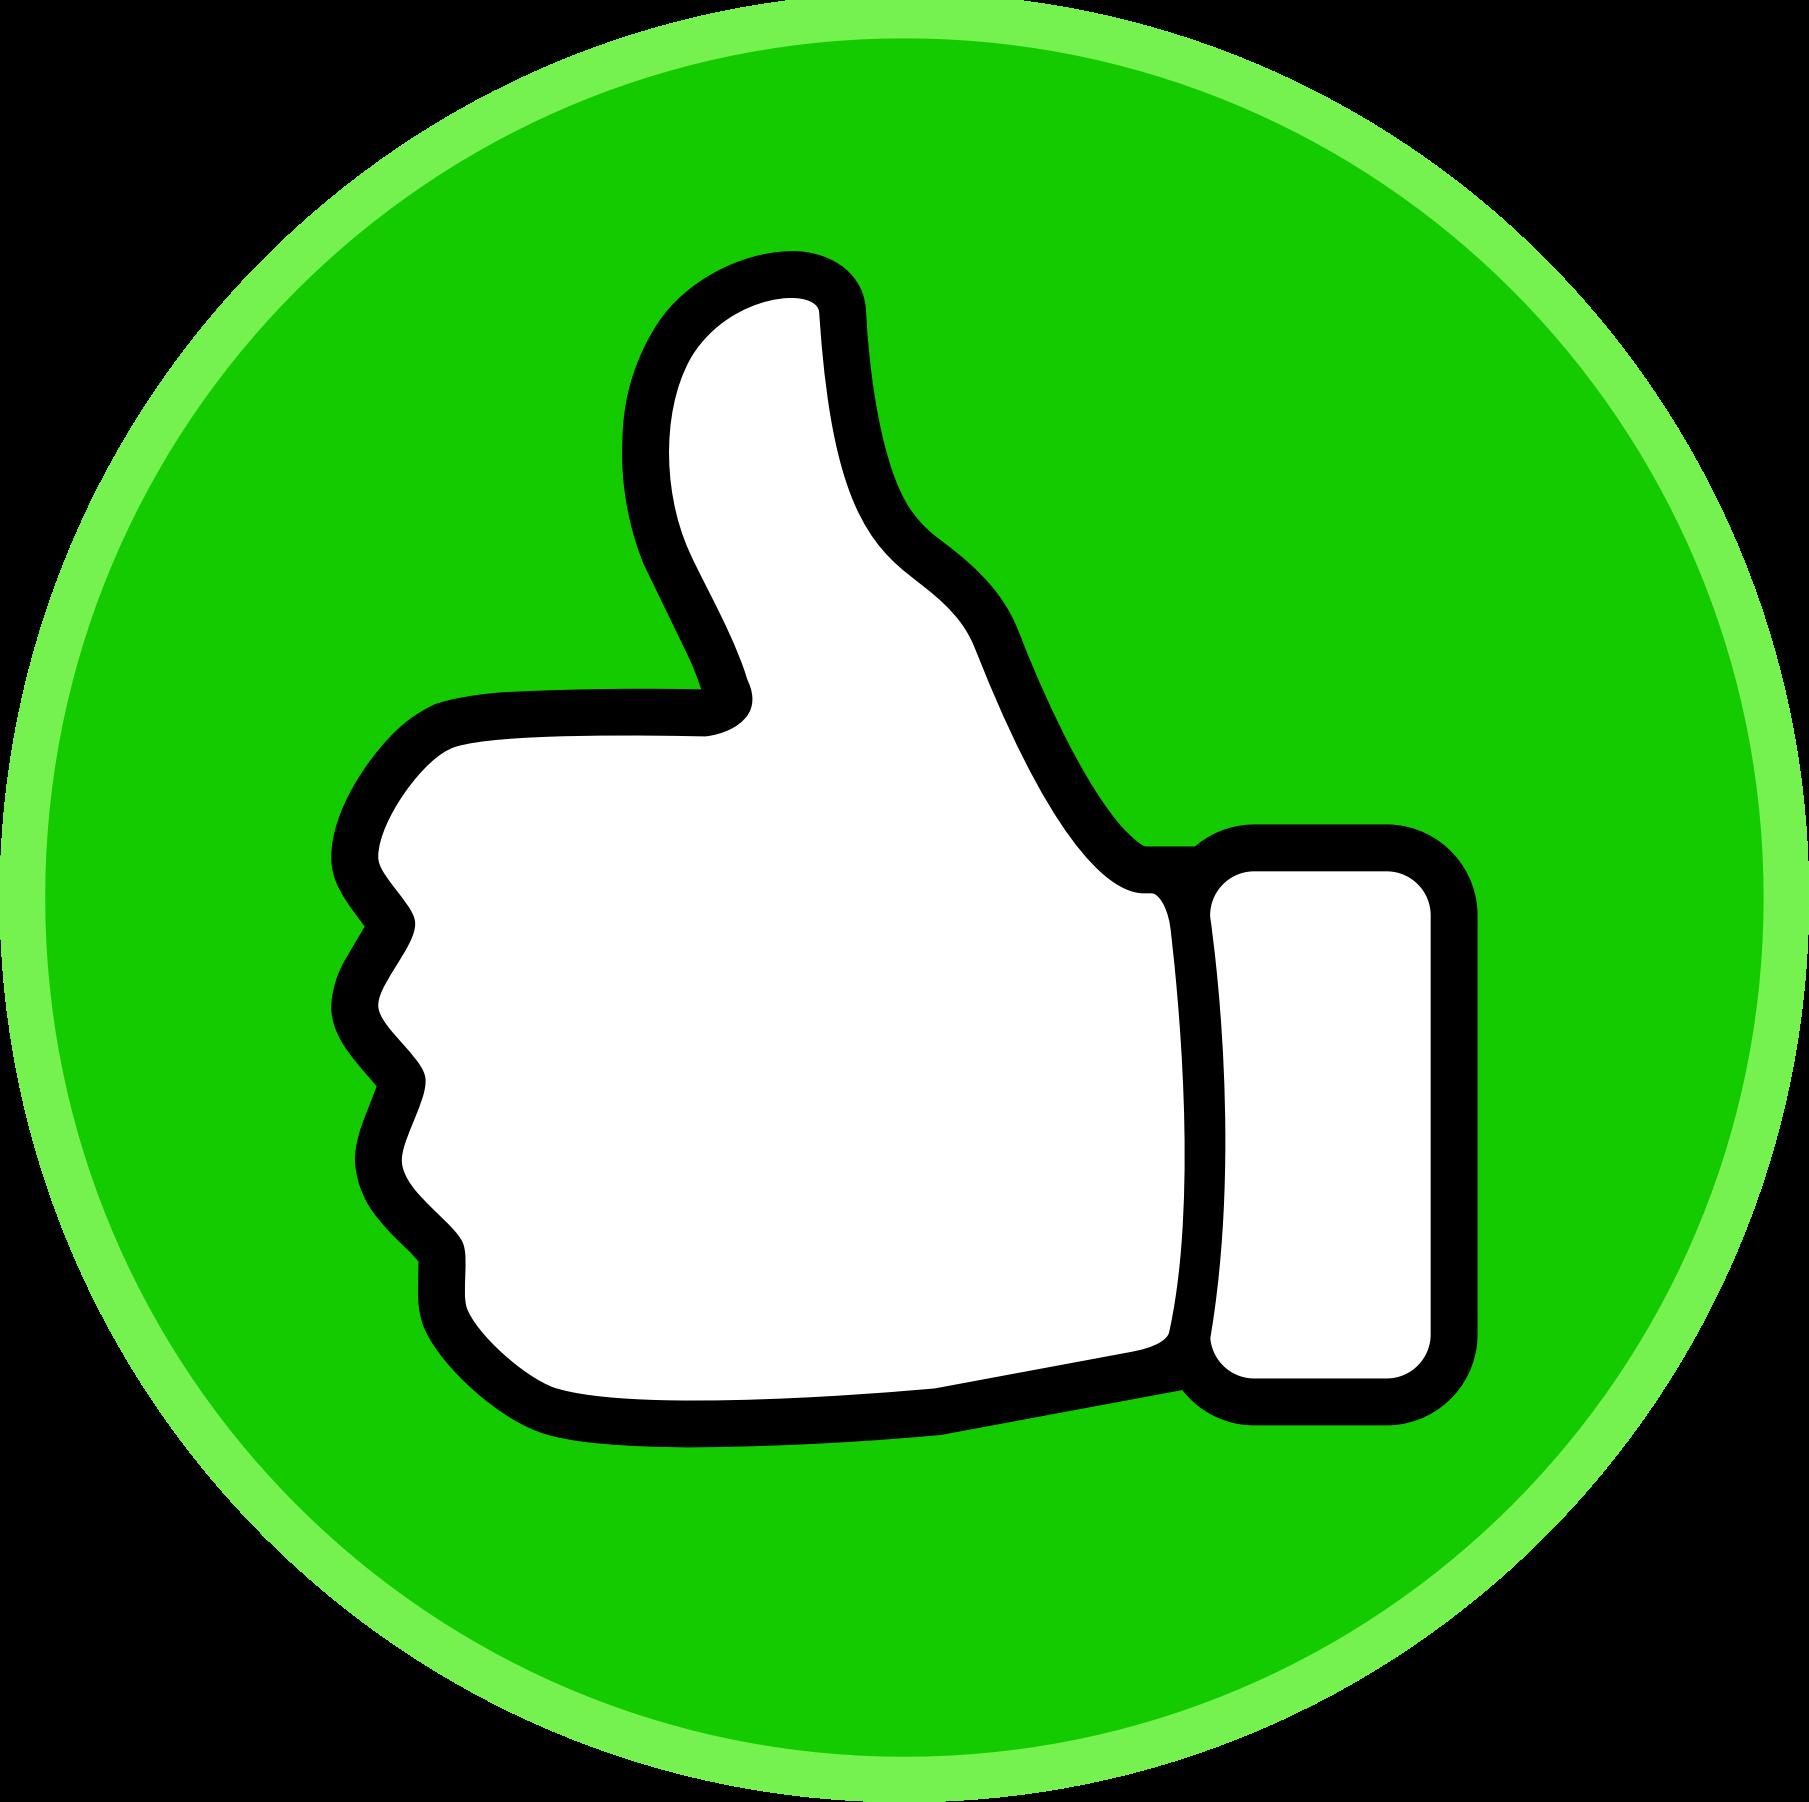 1809x1802 Symbol Thumbs Up Clip Art Vector Free Clipart Clipartix